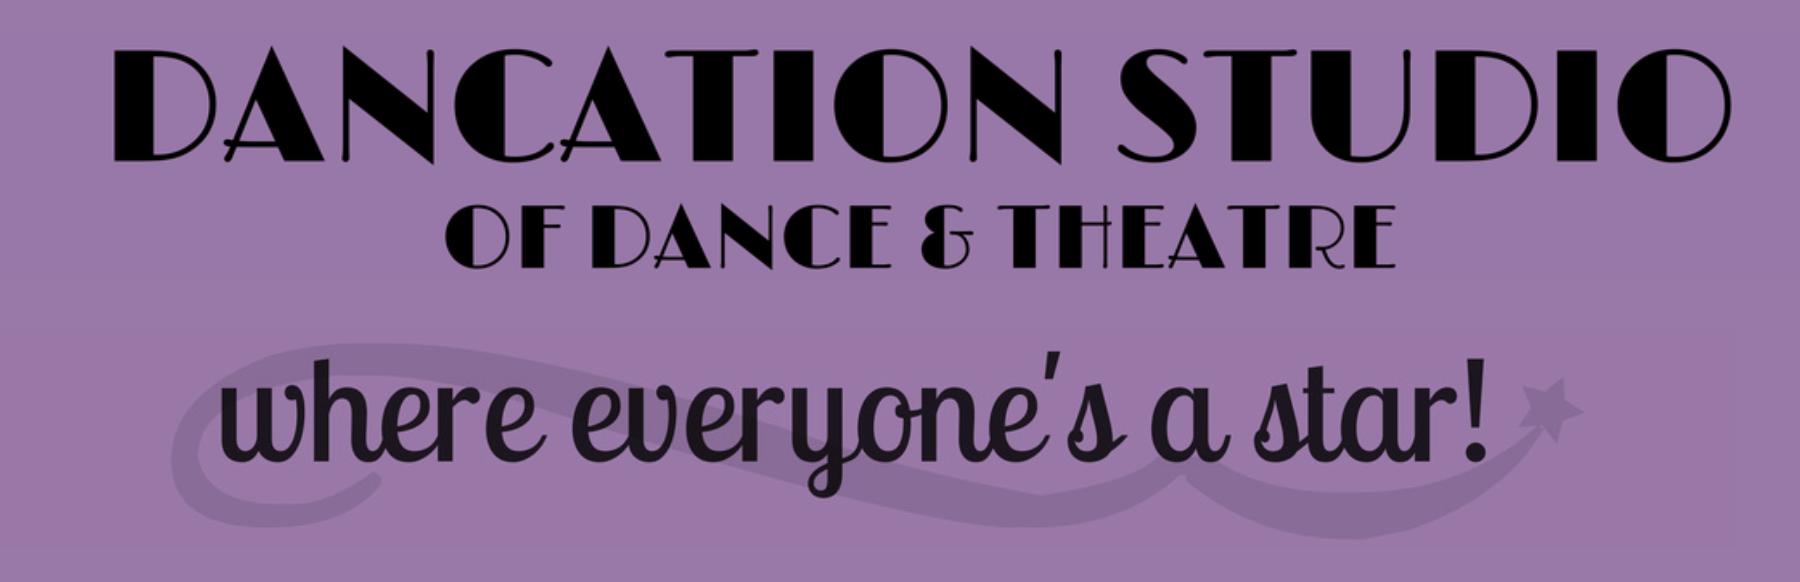 Dancation Studio of Dance & Theatre